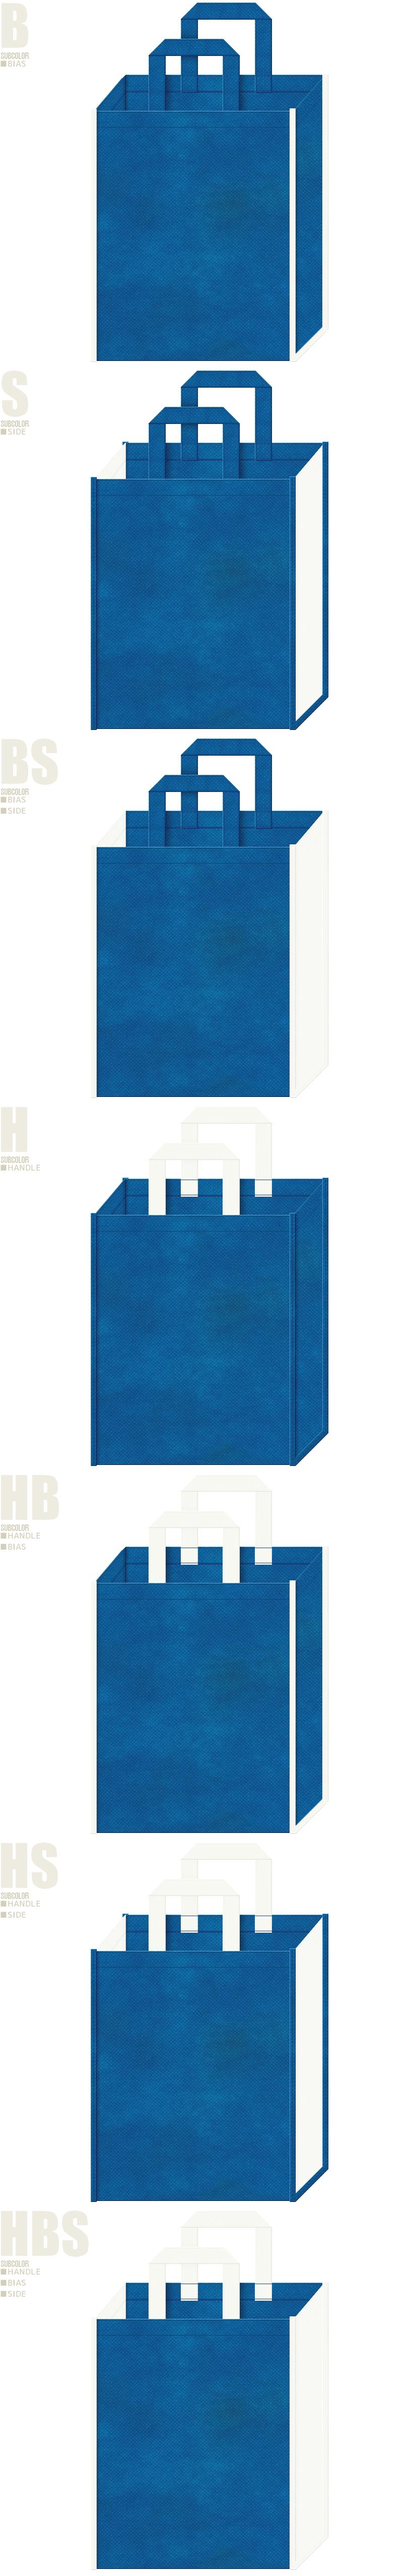 青色とオフホワイト色-7パターンの不織布トートバッグ配色デザイン例